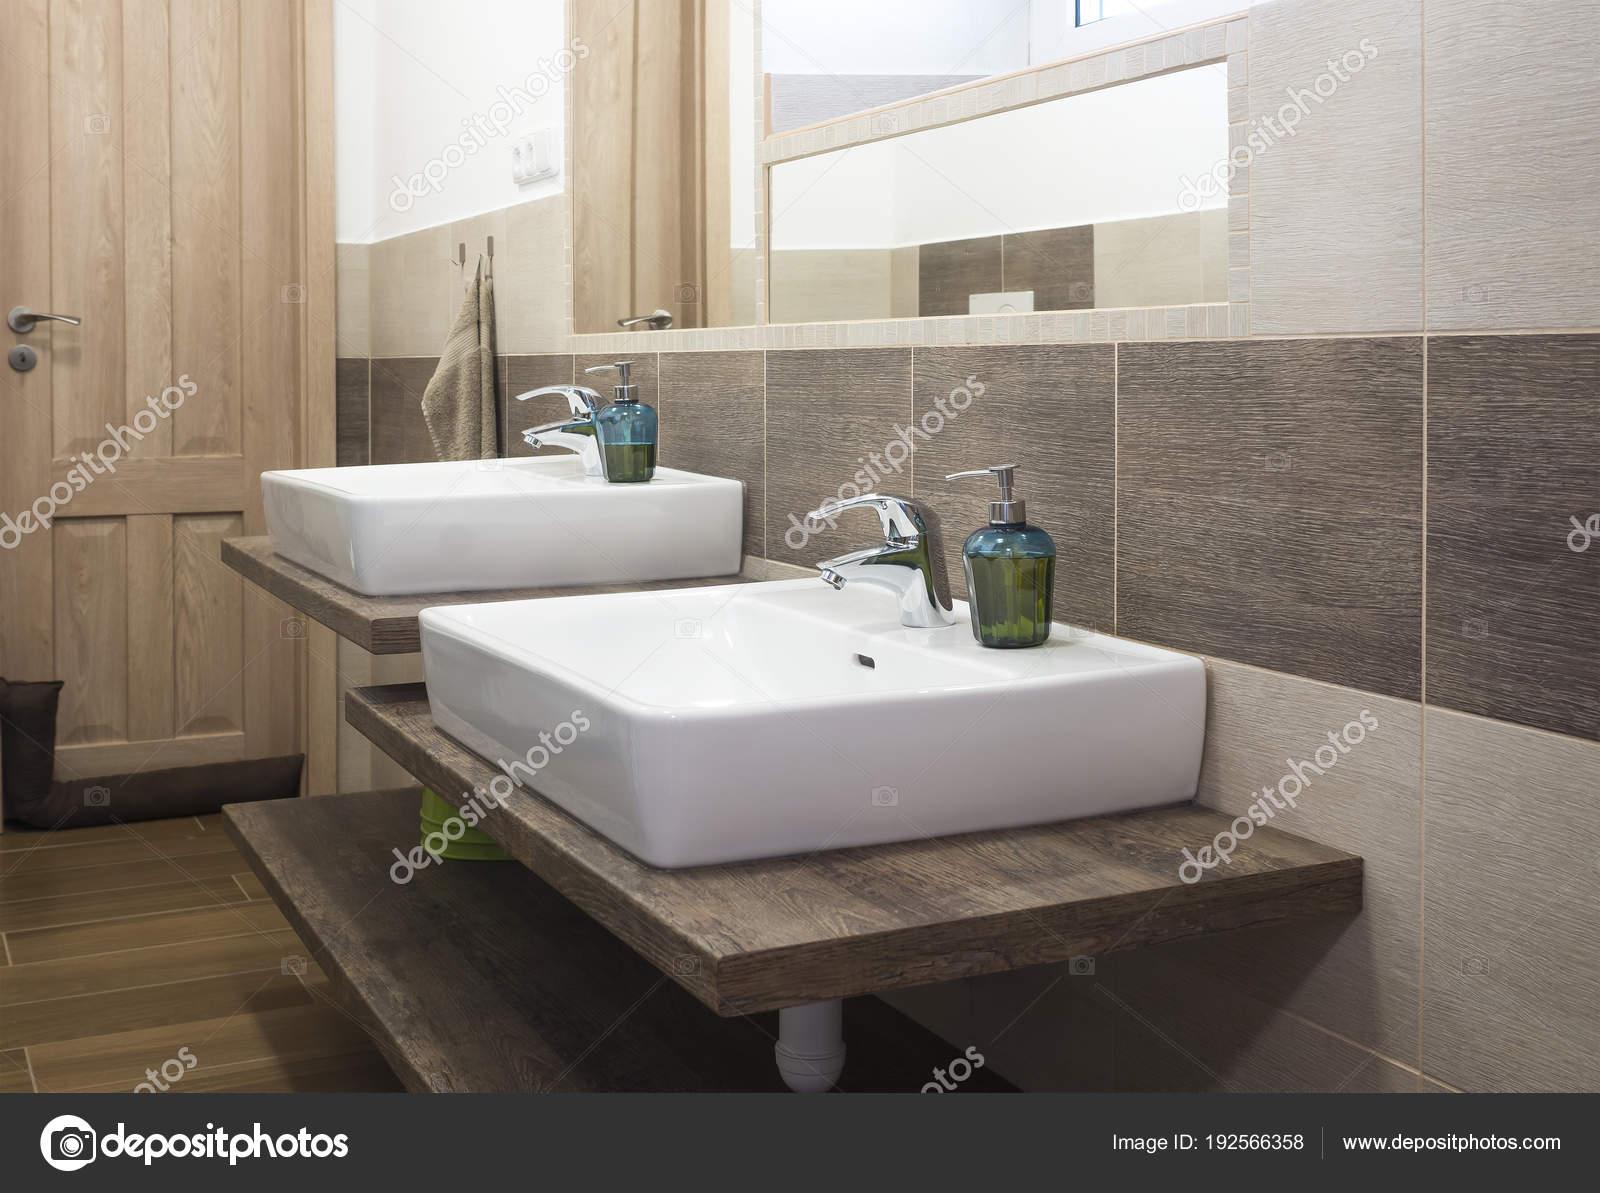 Lavabi Moderni Per Bagno.Bagno Moderno Con Lavabo Per Bambini Foto Stock C Mimacz 192566358